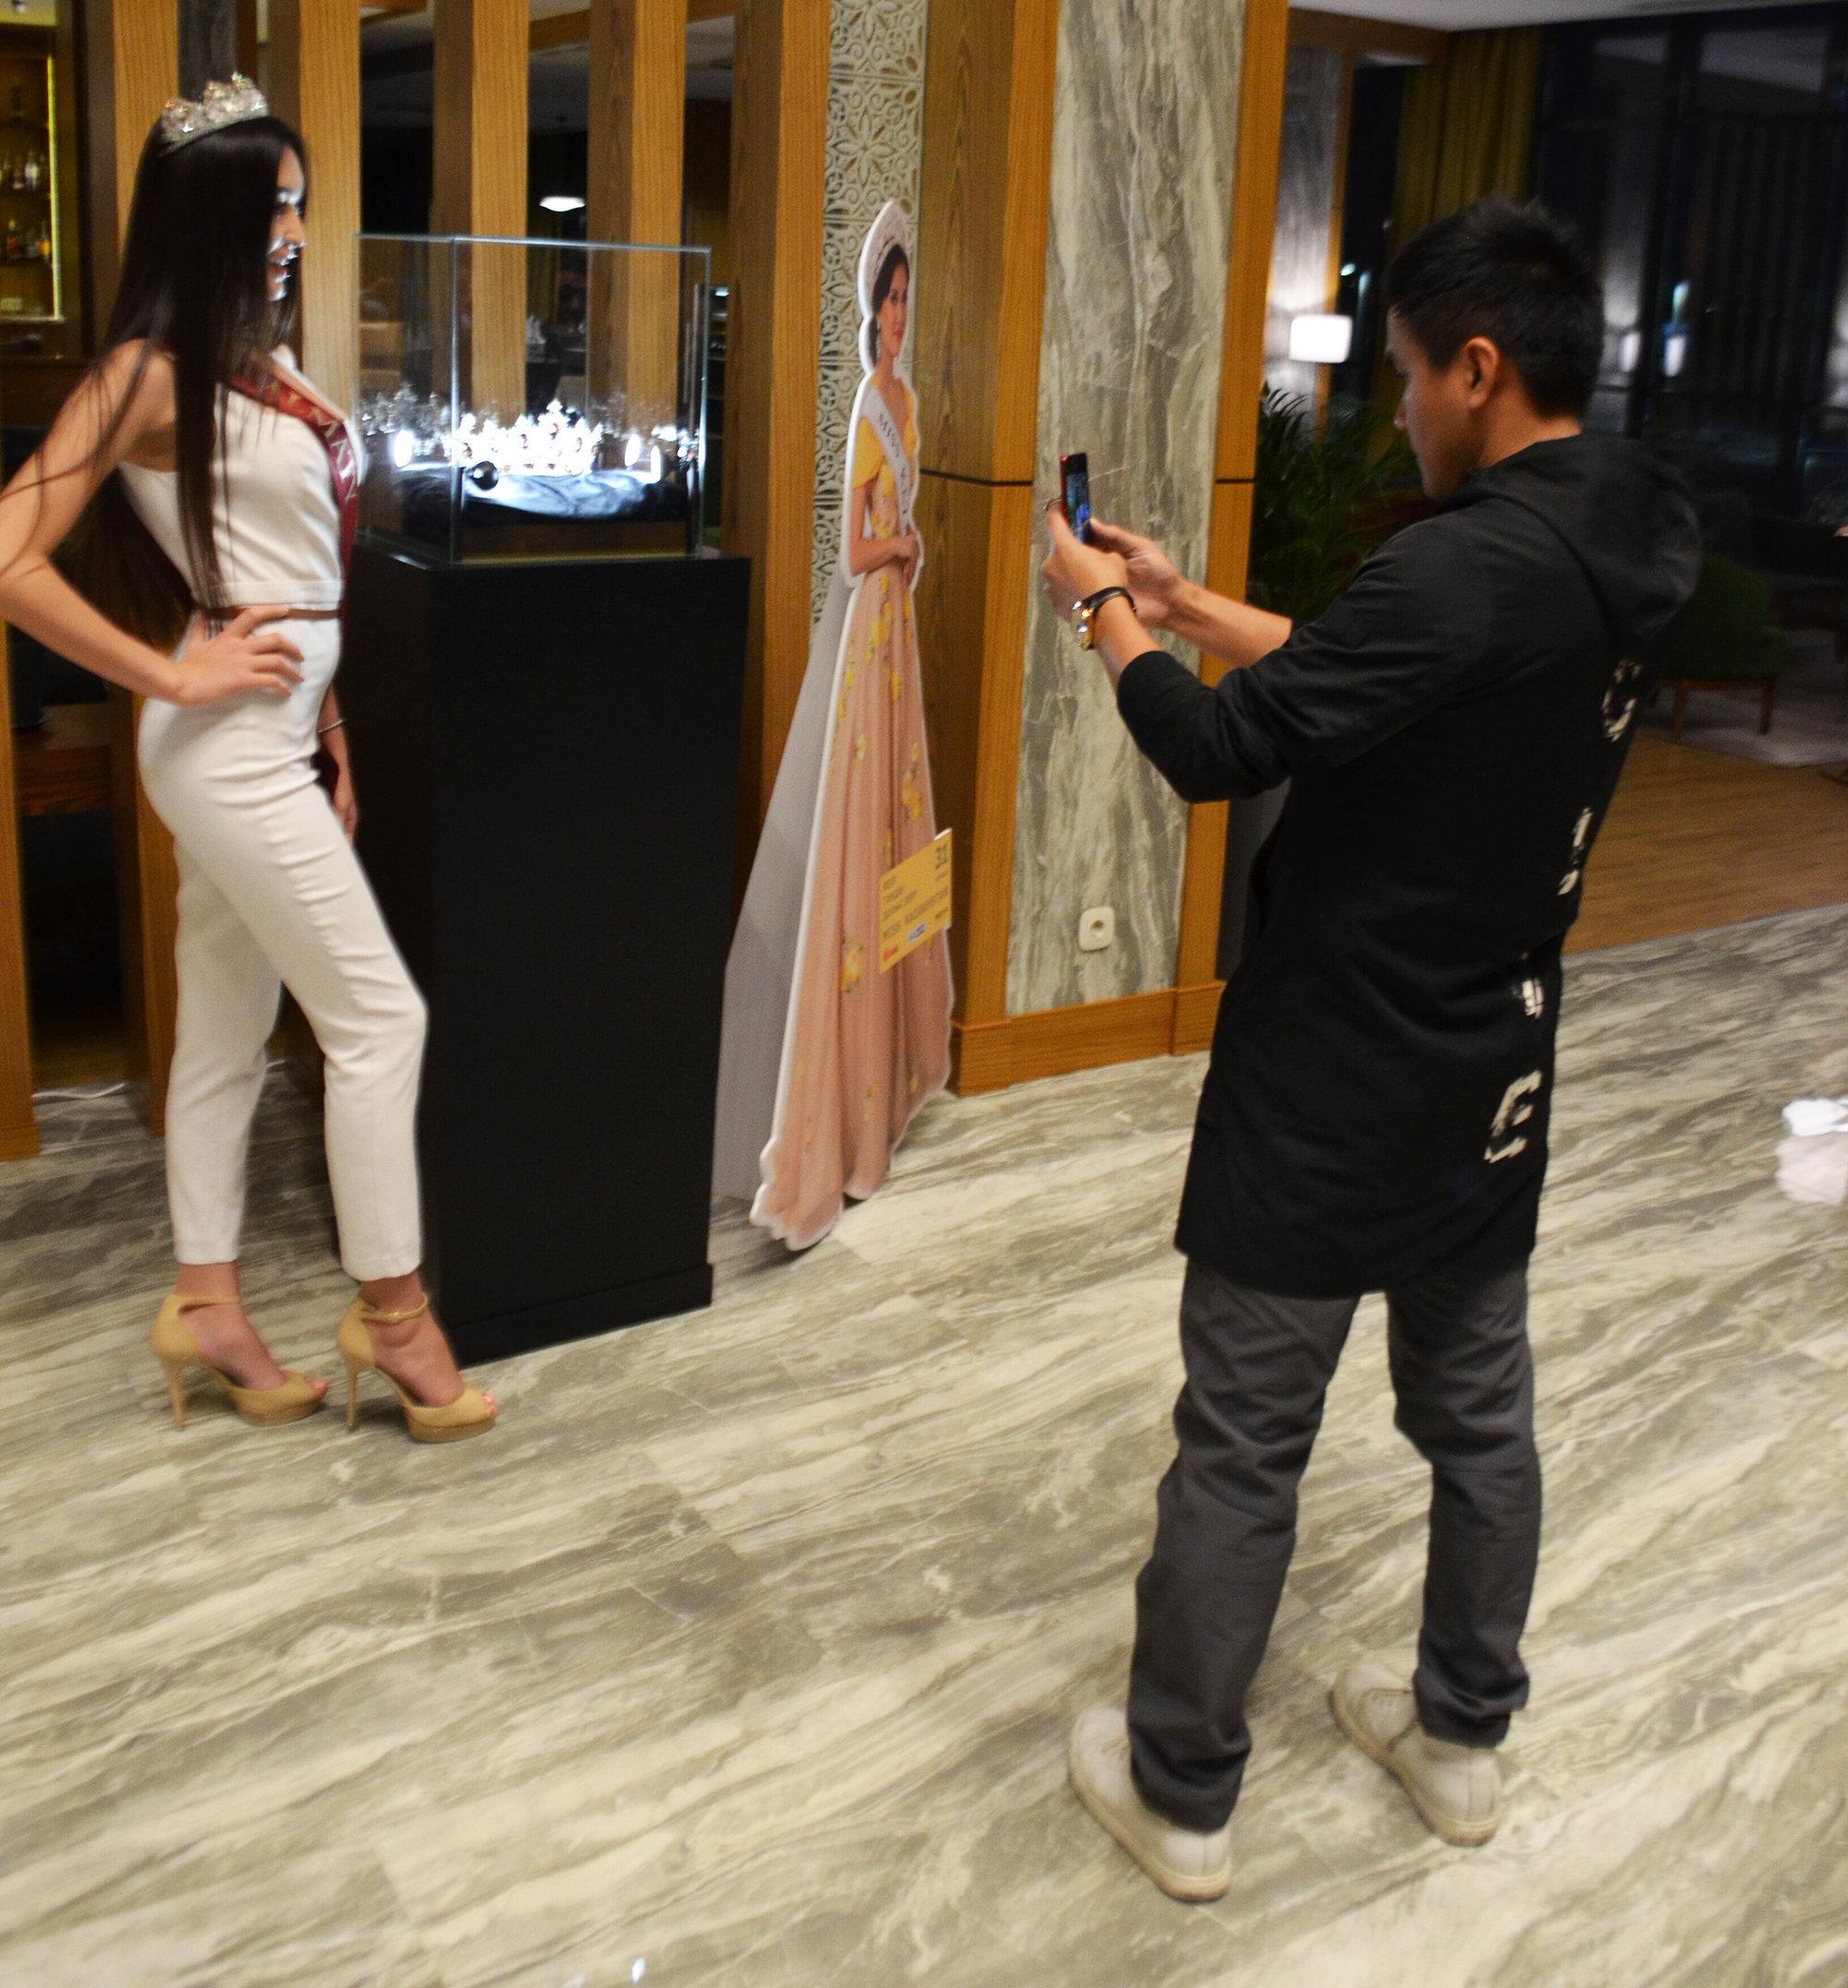 Блогер Цай Вей Хуан фотографирует финалистку конкурса красоты. Теперь о красавицах из Казахстана знают и в Китае